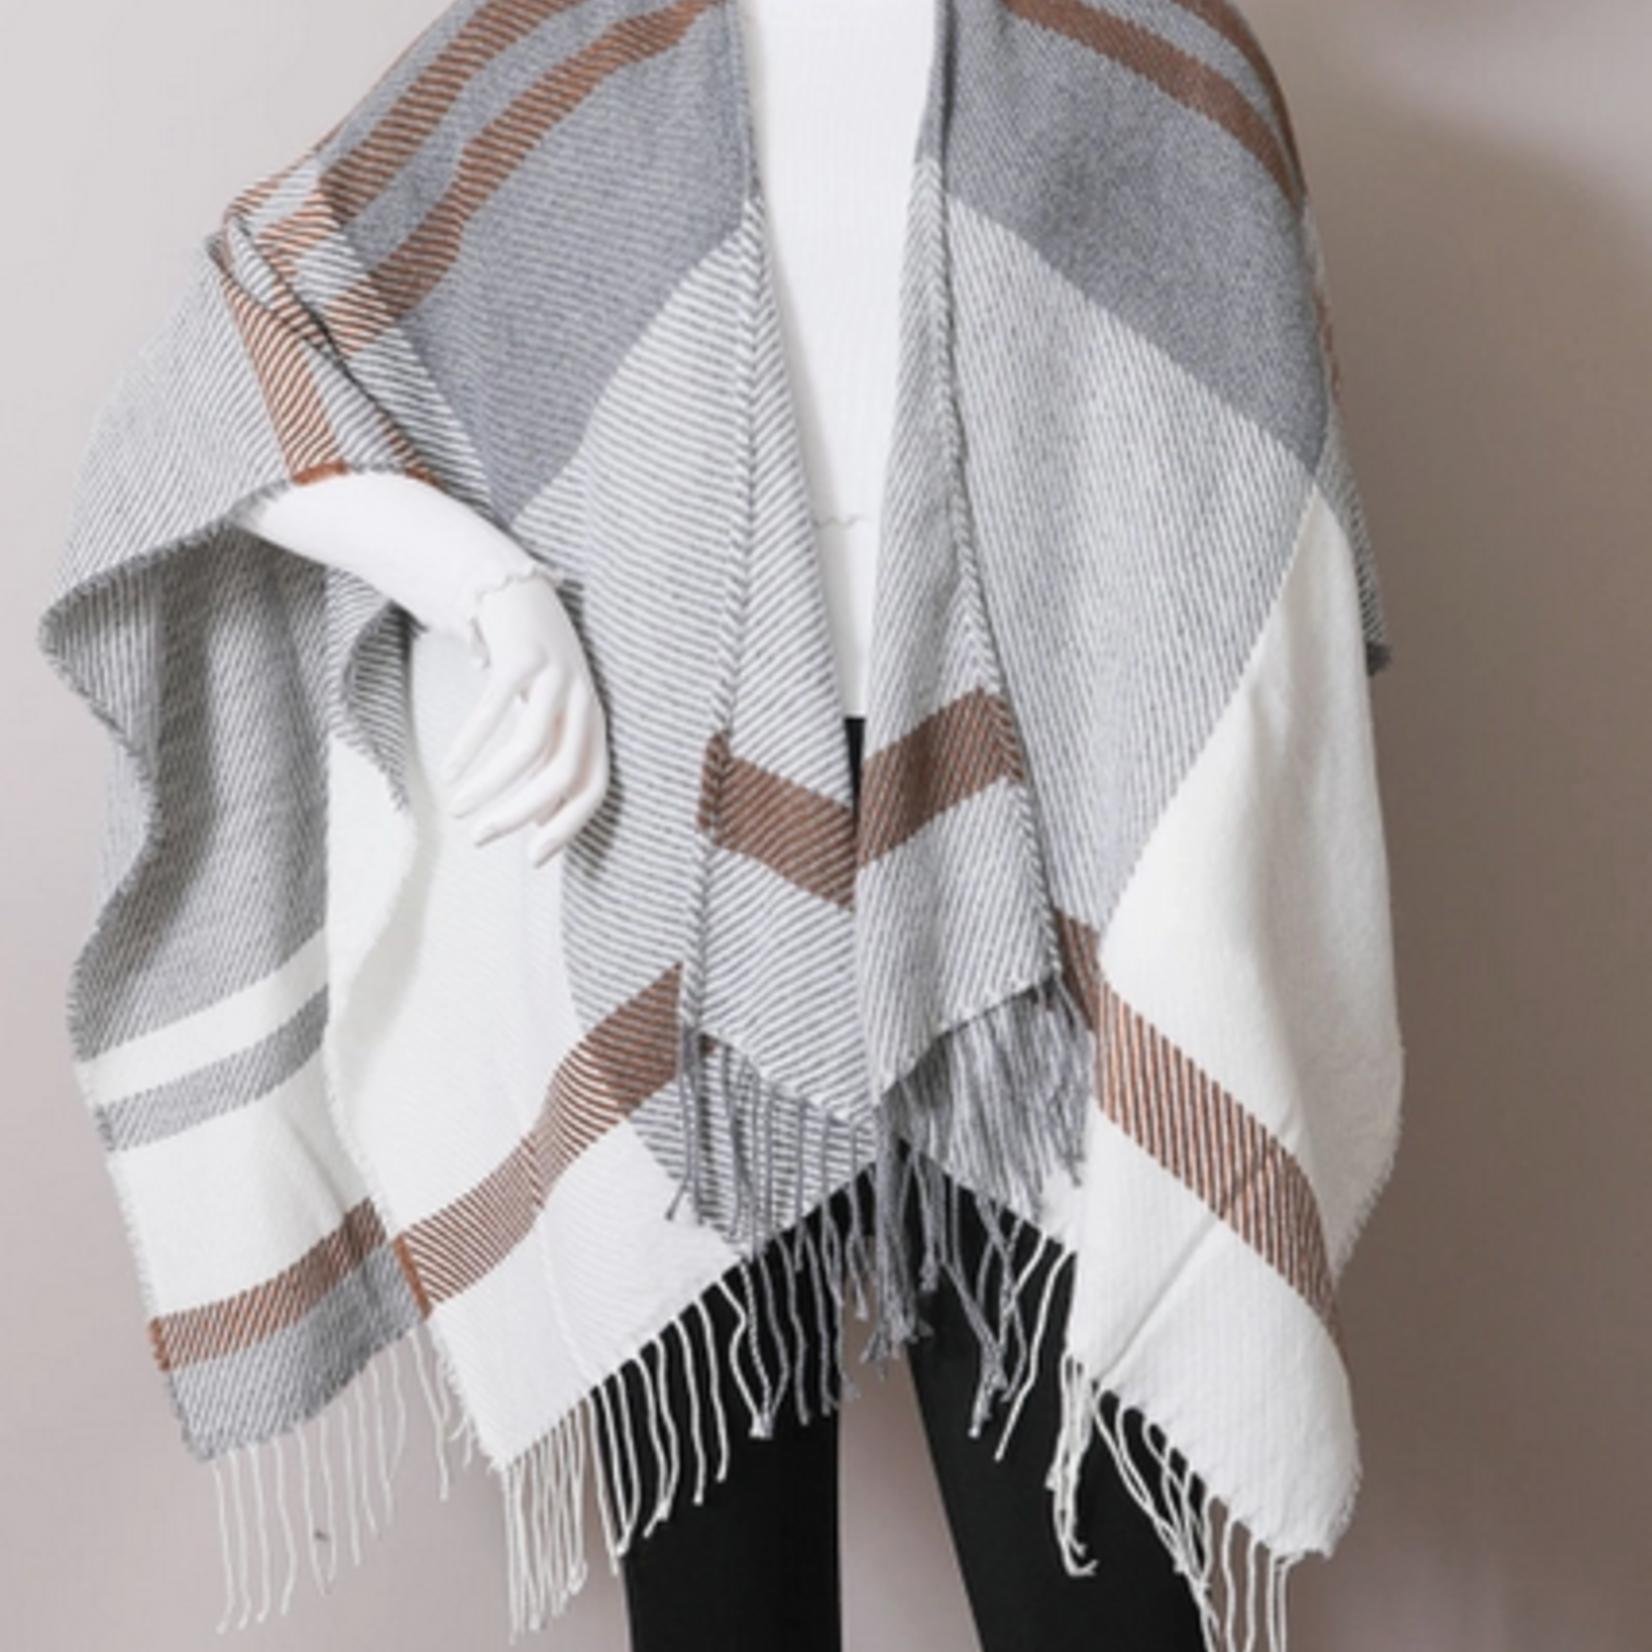 Leto Accessories Woven Flannel Tassel Ruana